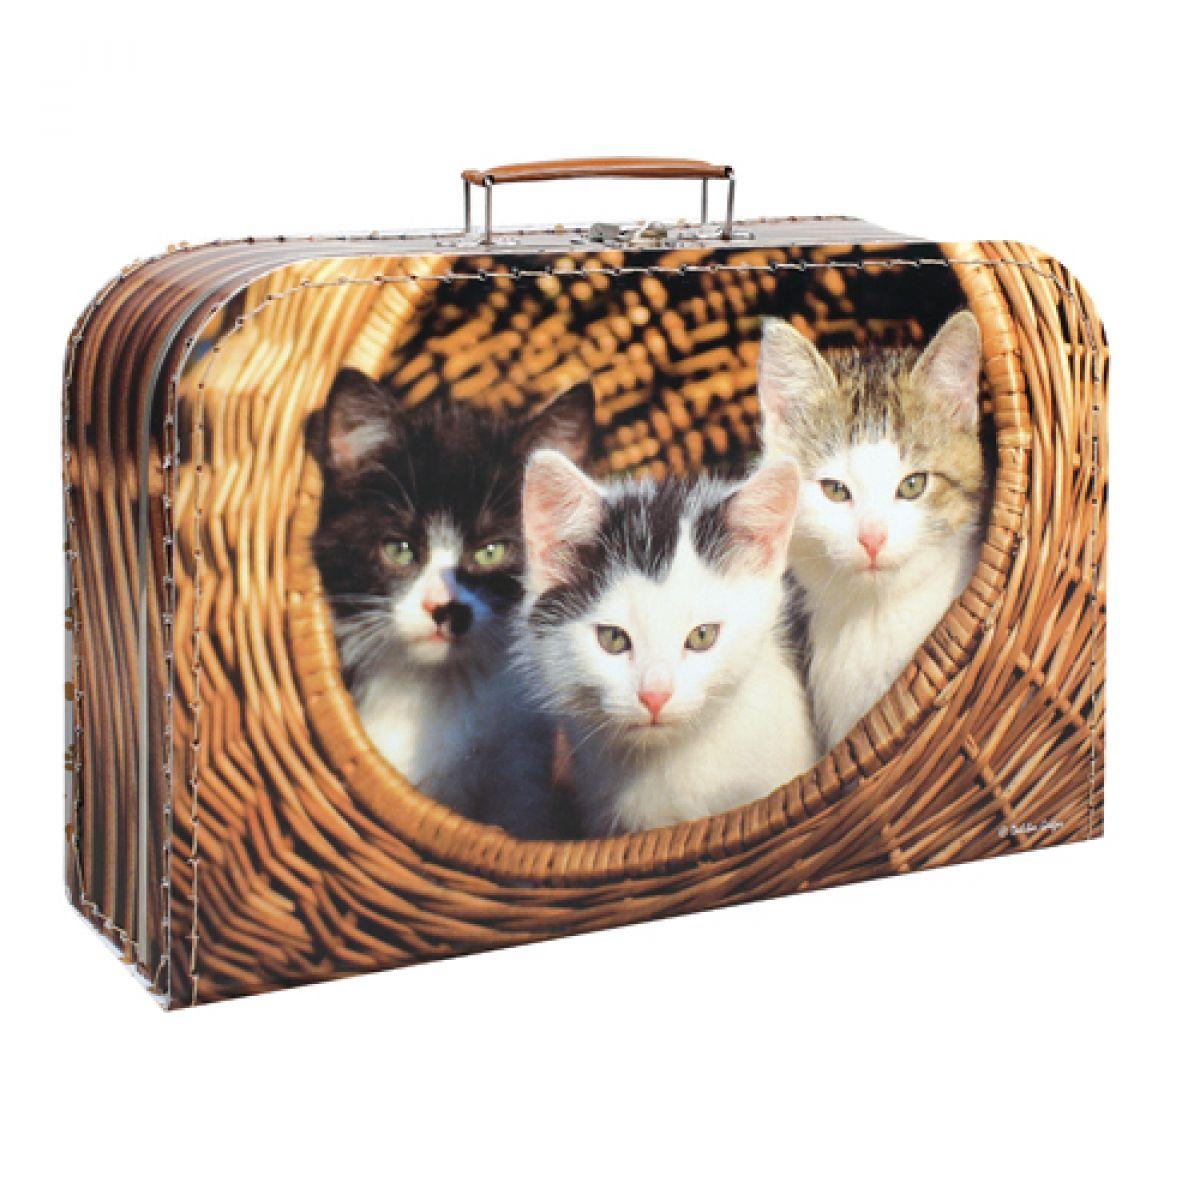 Kazeto 9048-35-2202 - Kufřík s koťátky 35cm